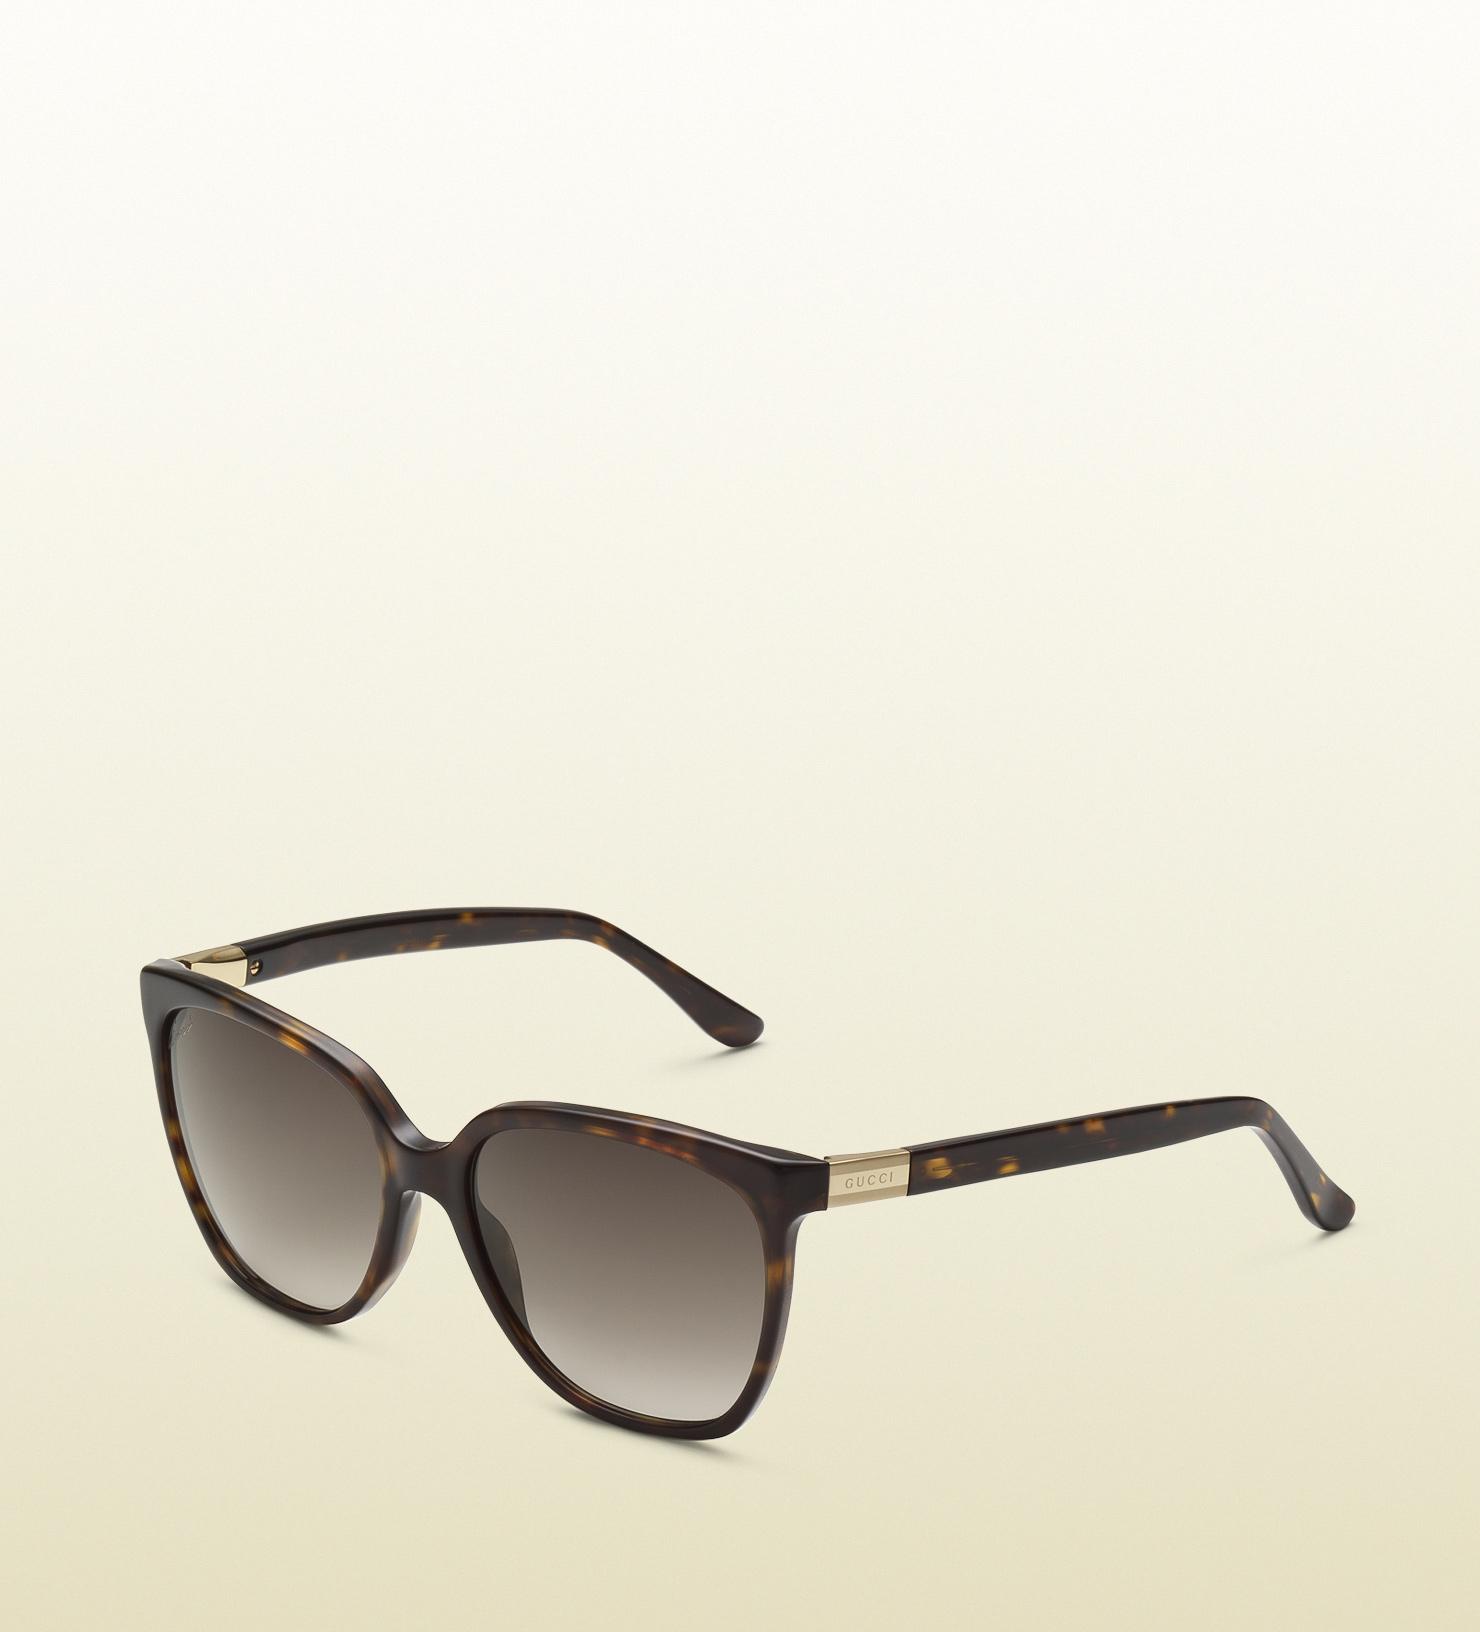 discount glasses,sun glasses accessories,mens sun glasses ...  |Gucci Sunglasses Women 2013